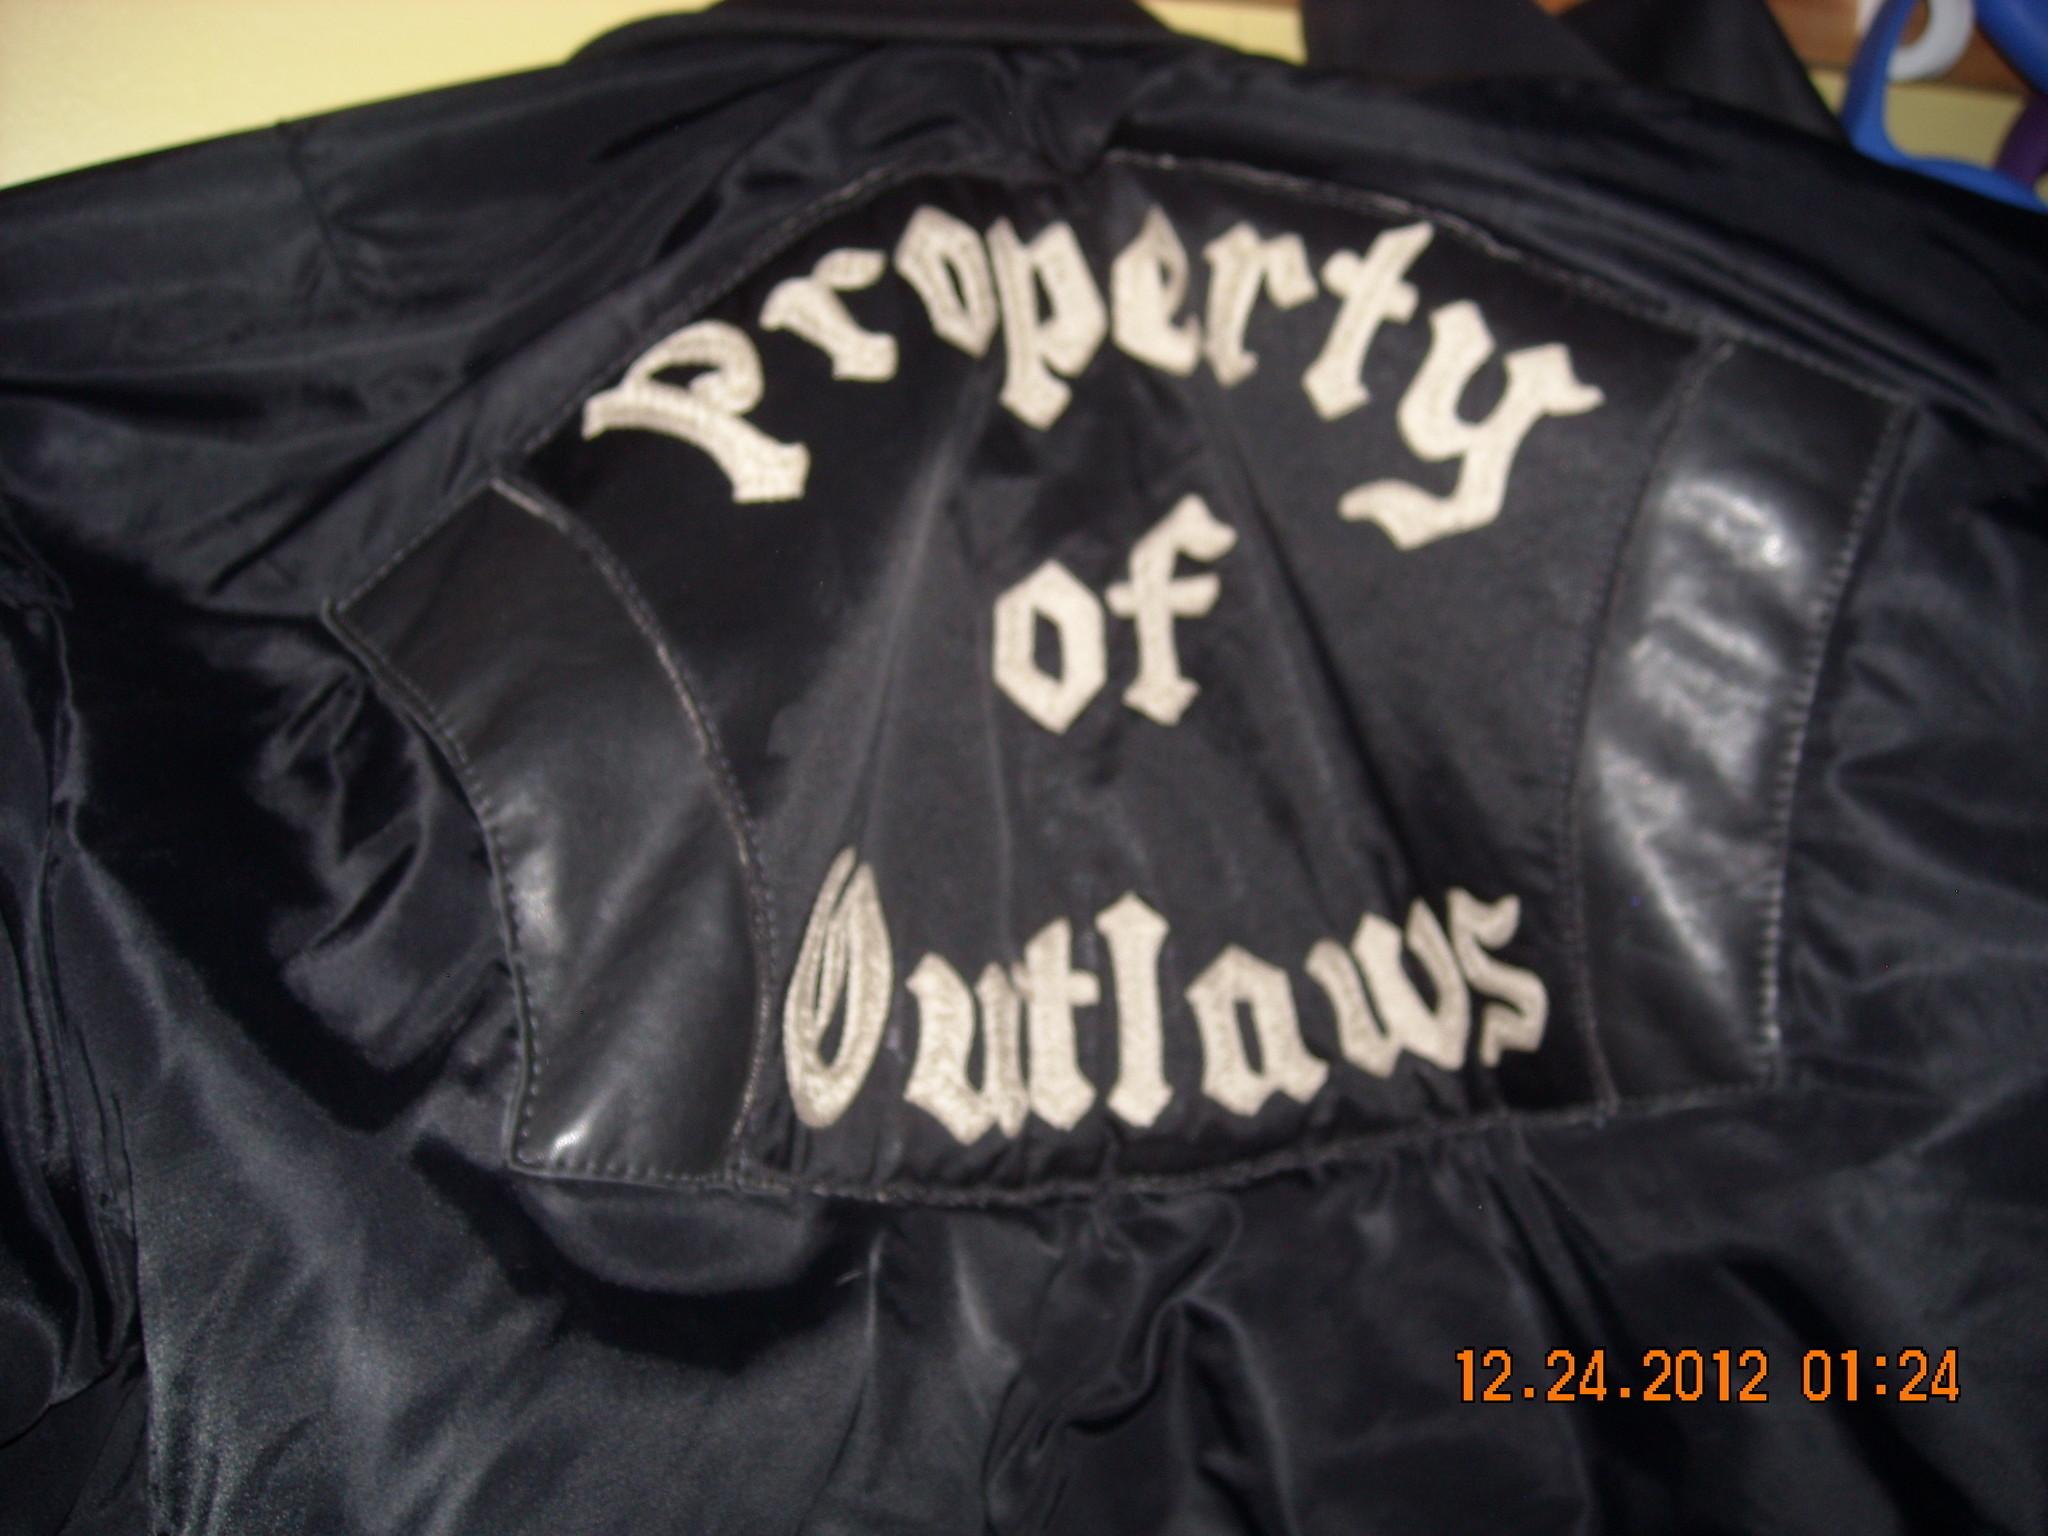 Judge says Outlaws biker group won't get vests, badges back after bar brawl  – Chicago Tribune